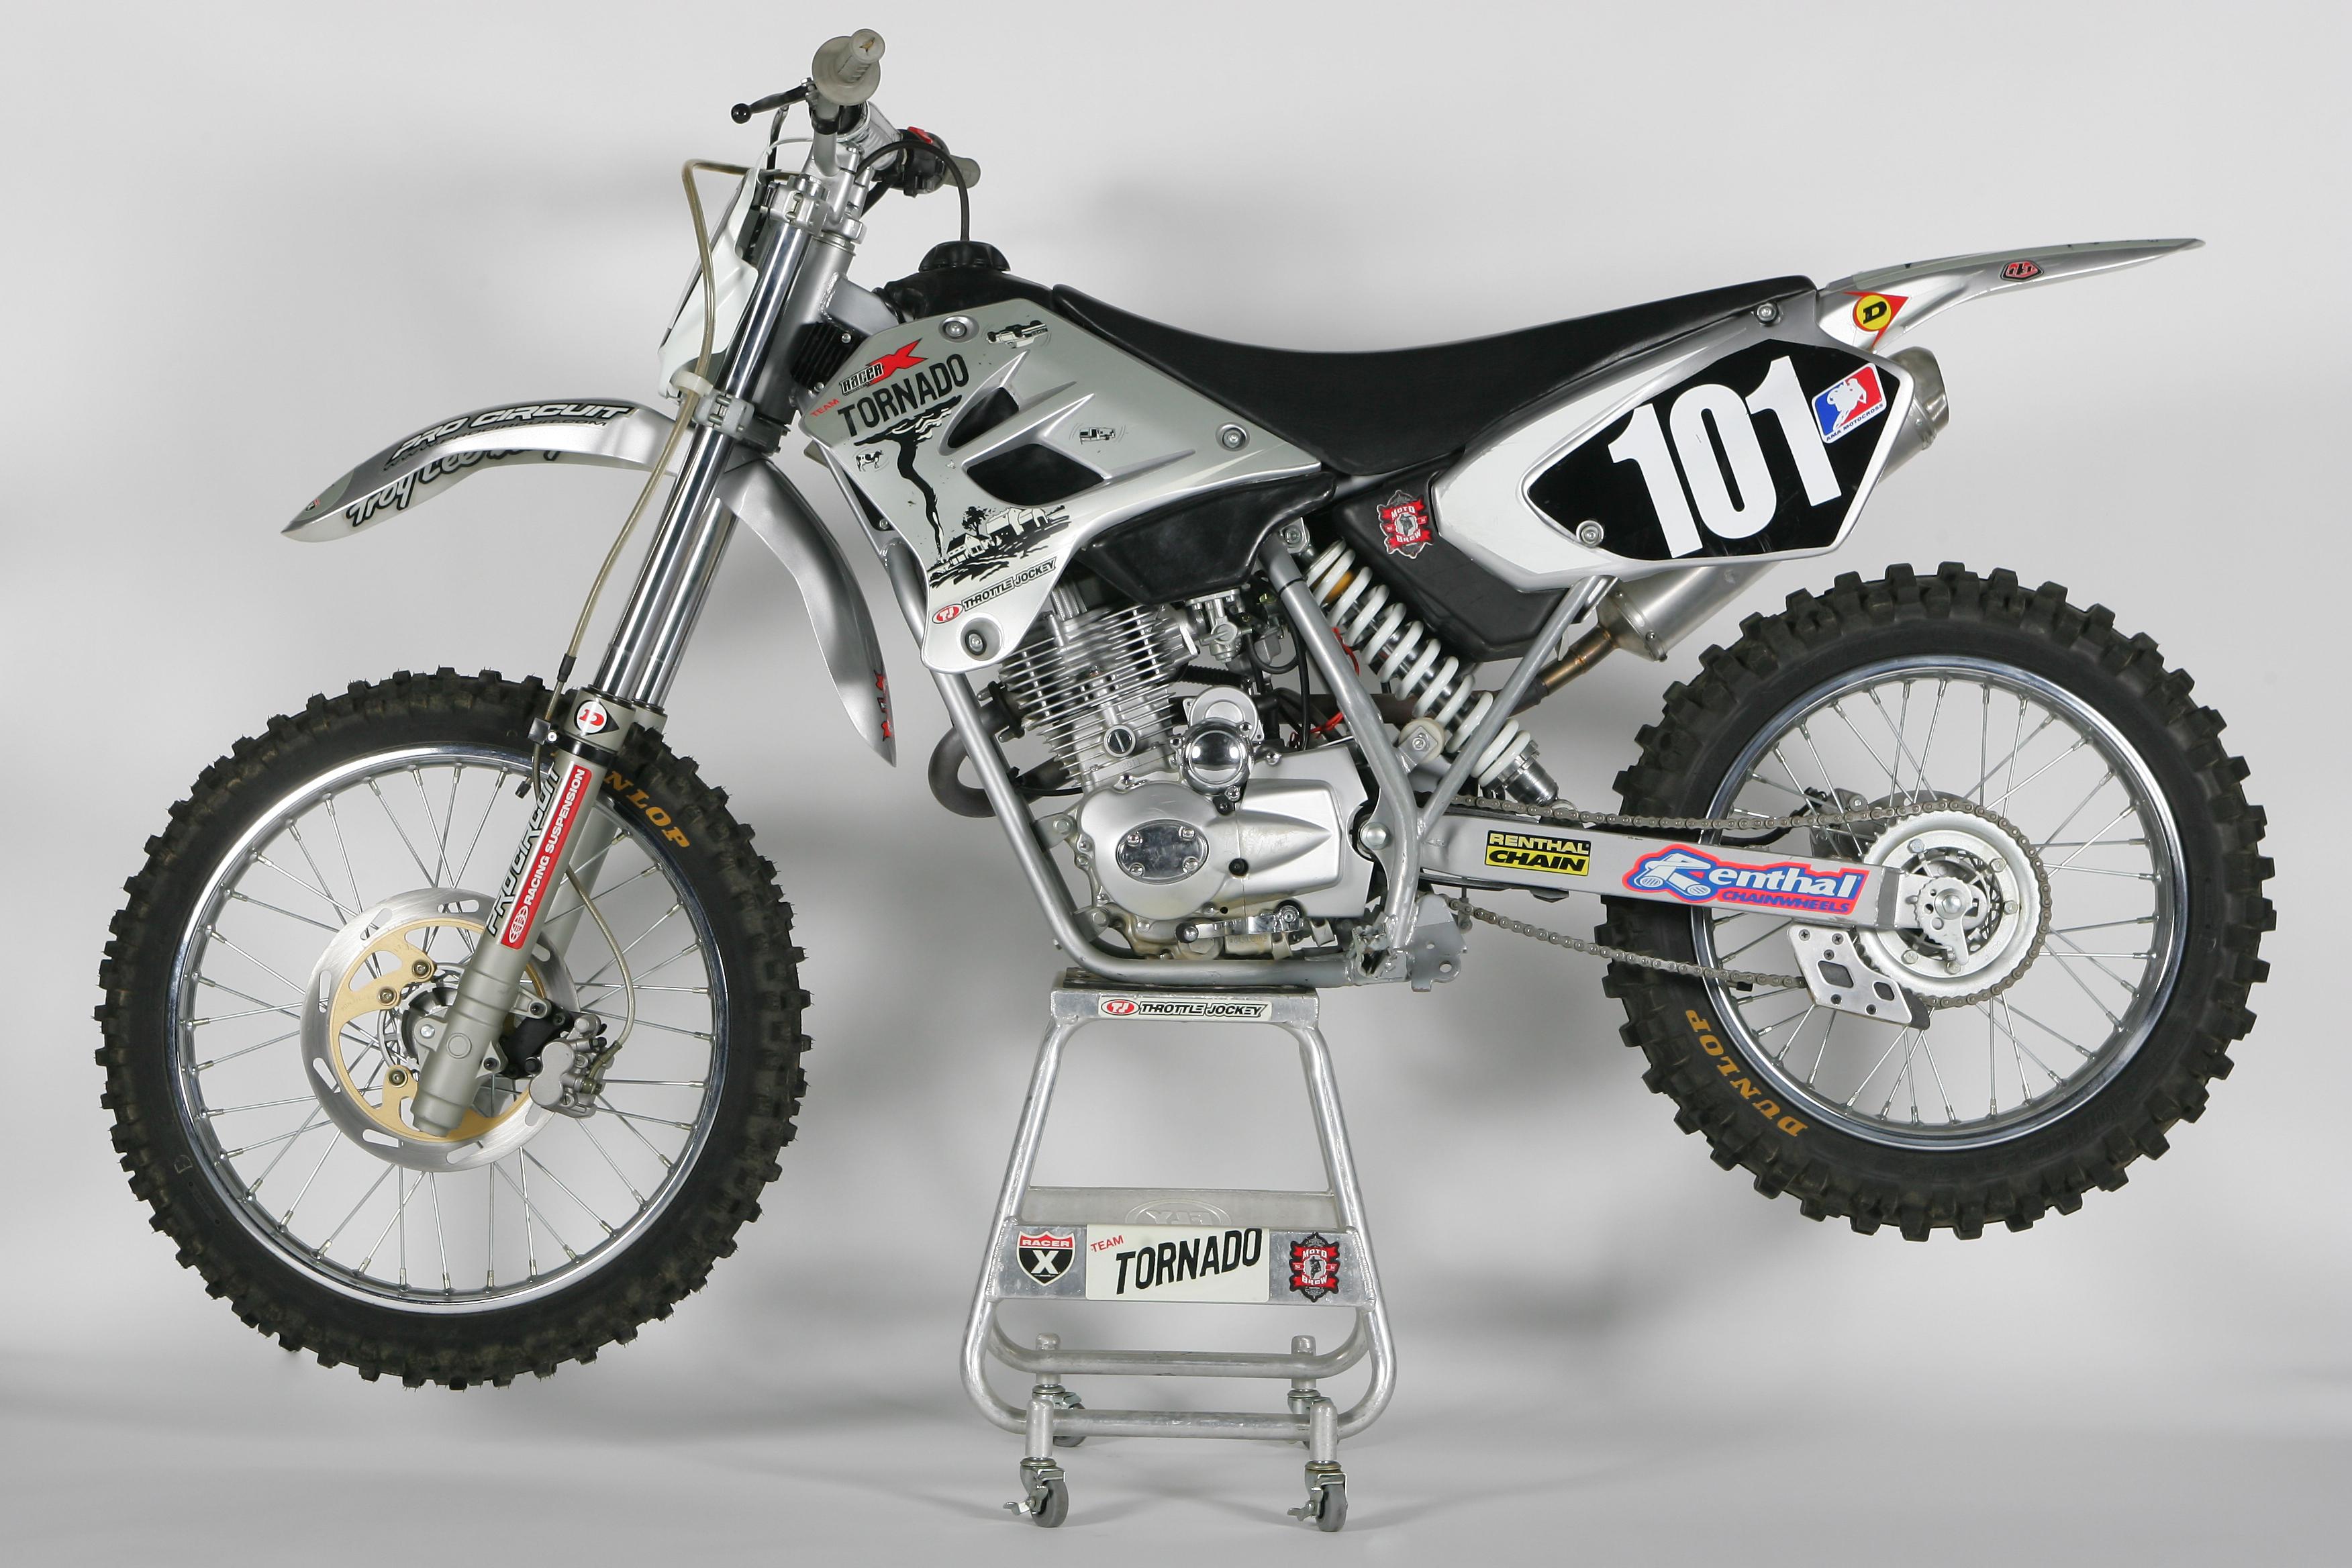 moto cross honda 125 prix id e d 39 image de moto. Black Bedroom Furniture Sets. Home Design Ideas